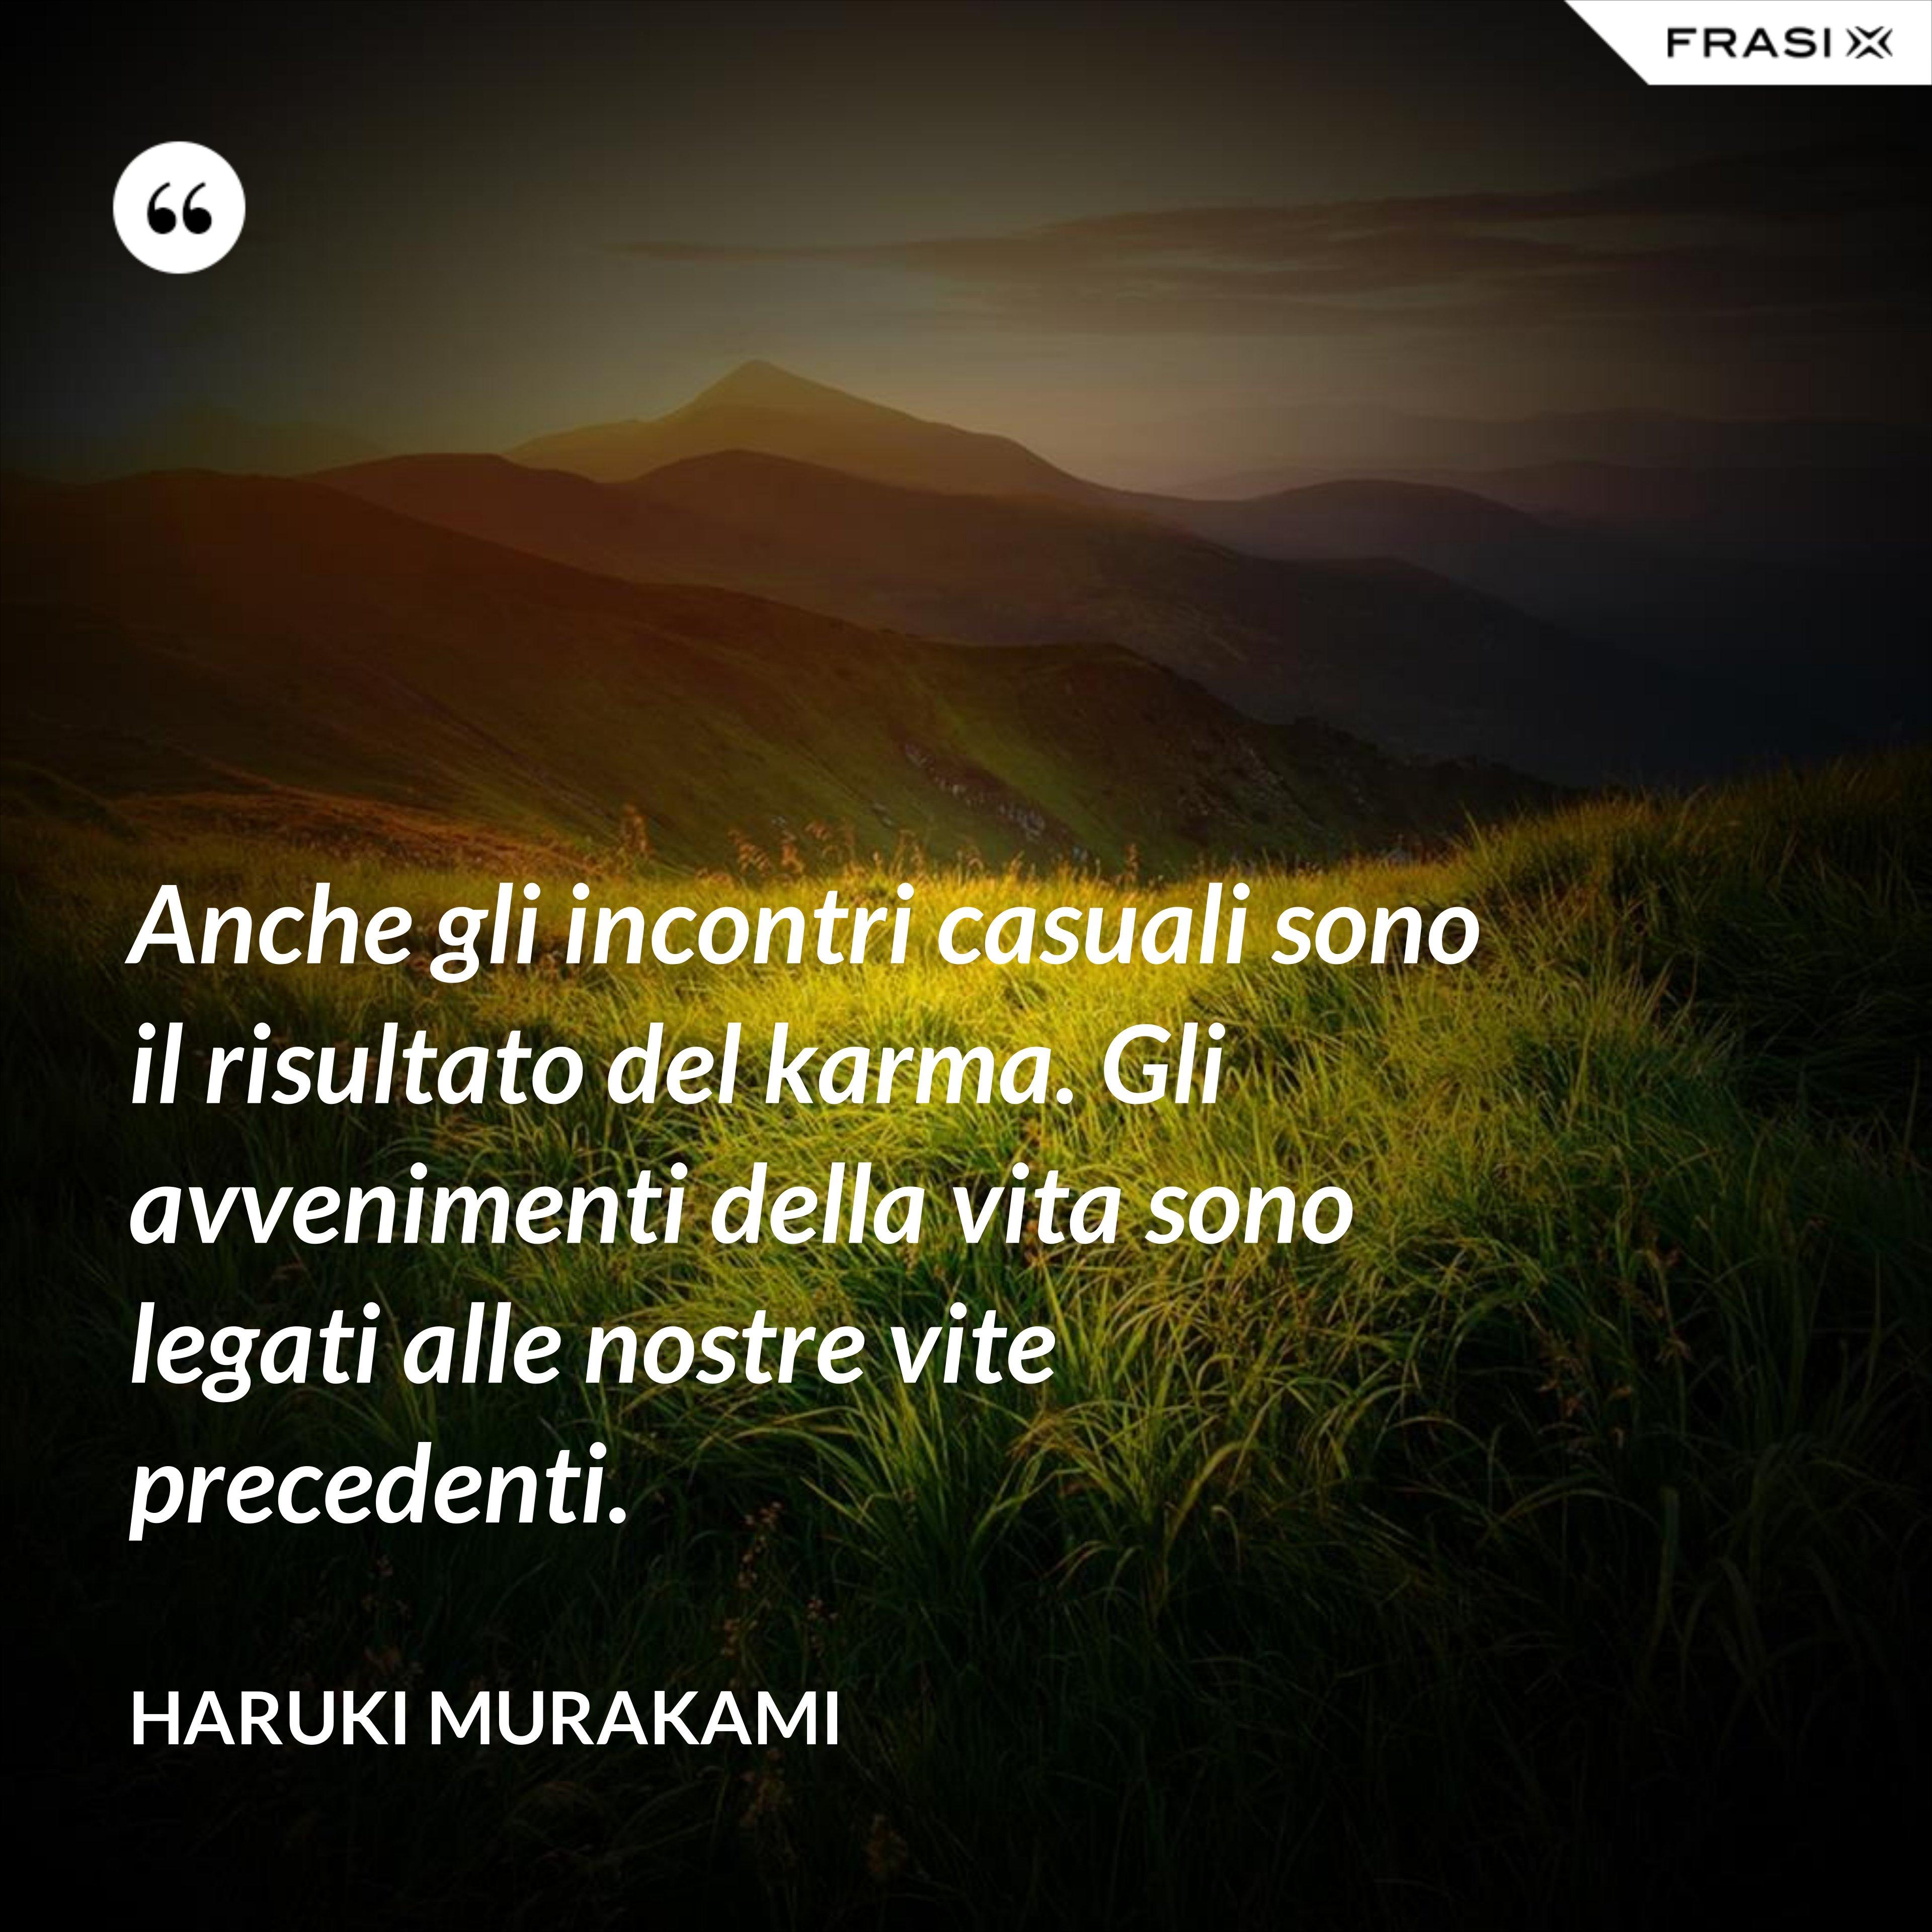 Anche gli incontri casuali sono il risultato del karma. Gli avvenimenti della vita sono legati alle nostre vite precedenti. - Haruki Murakami